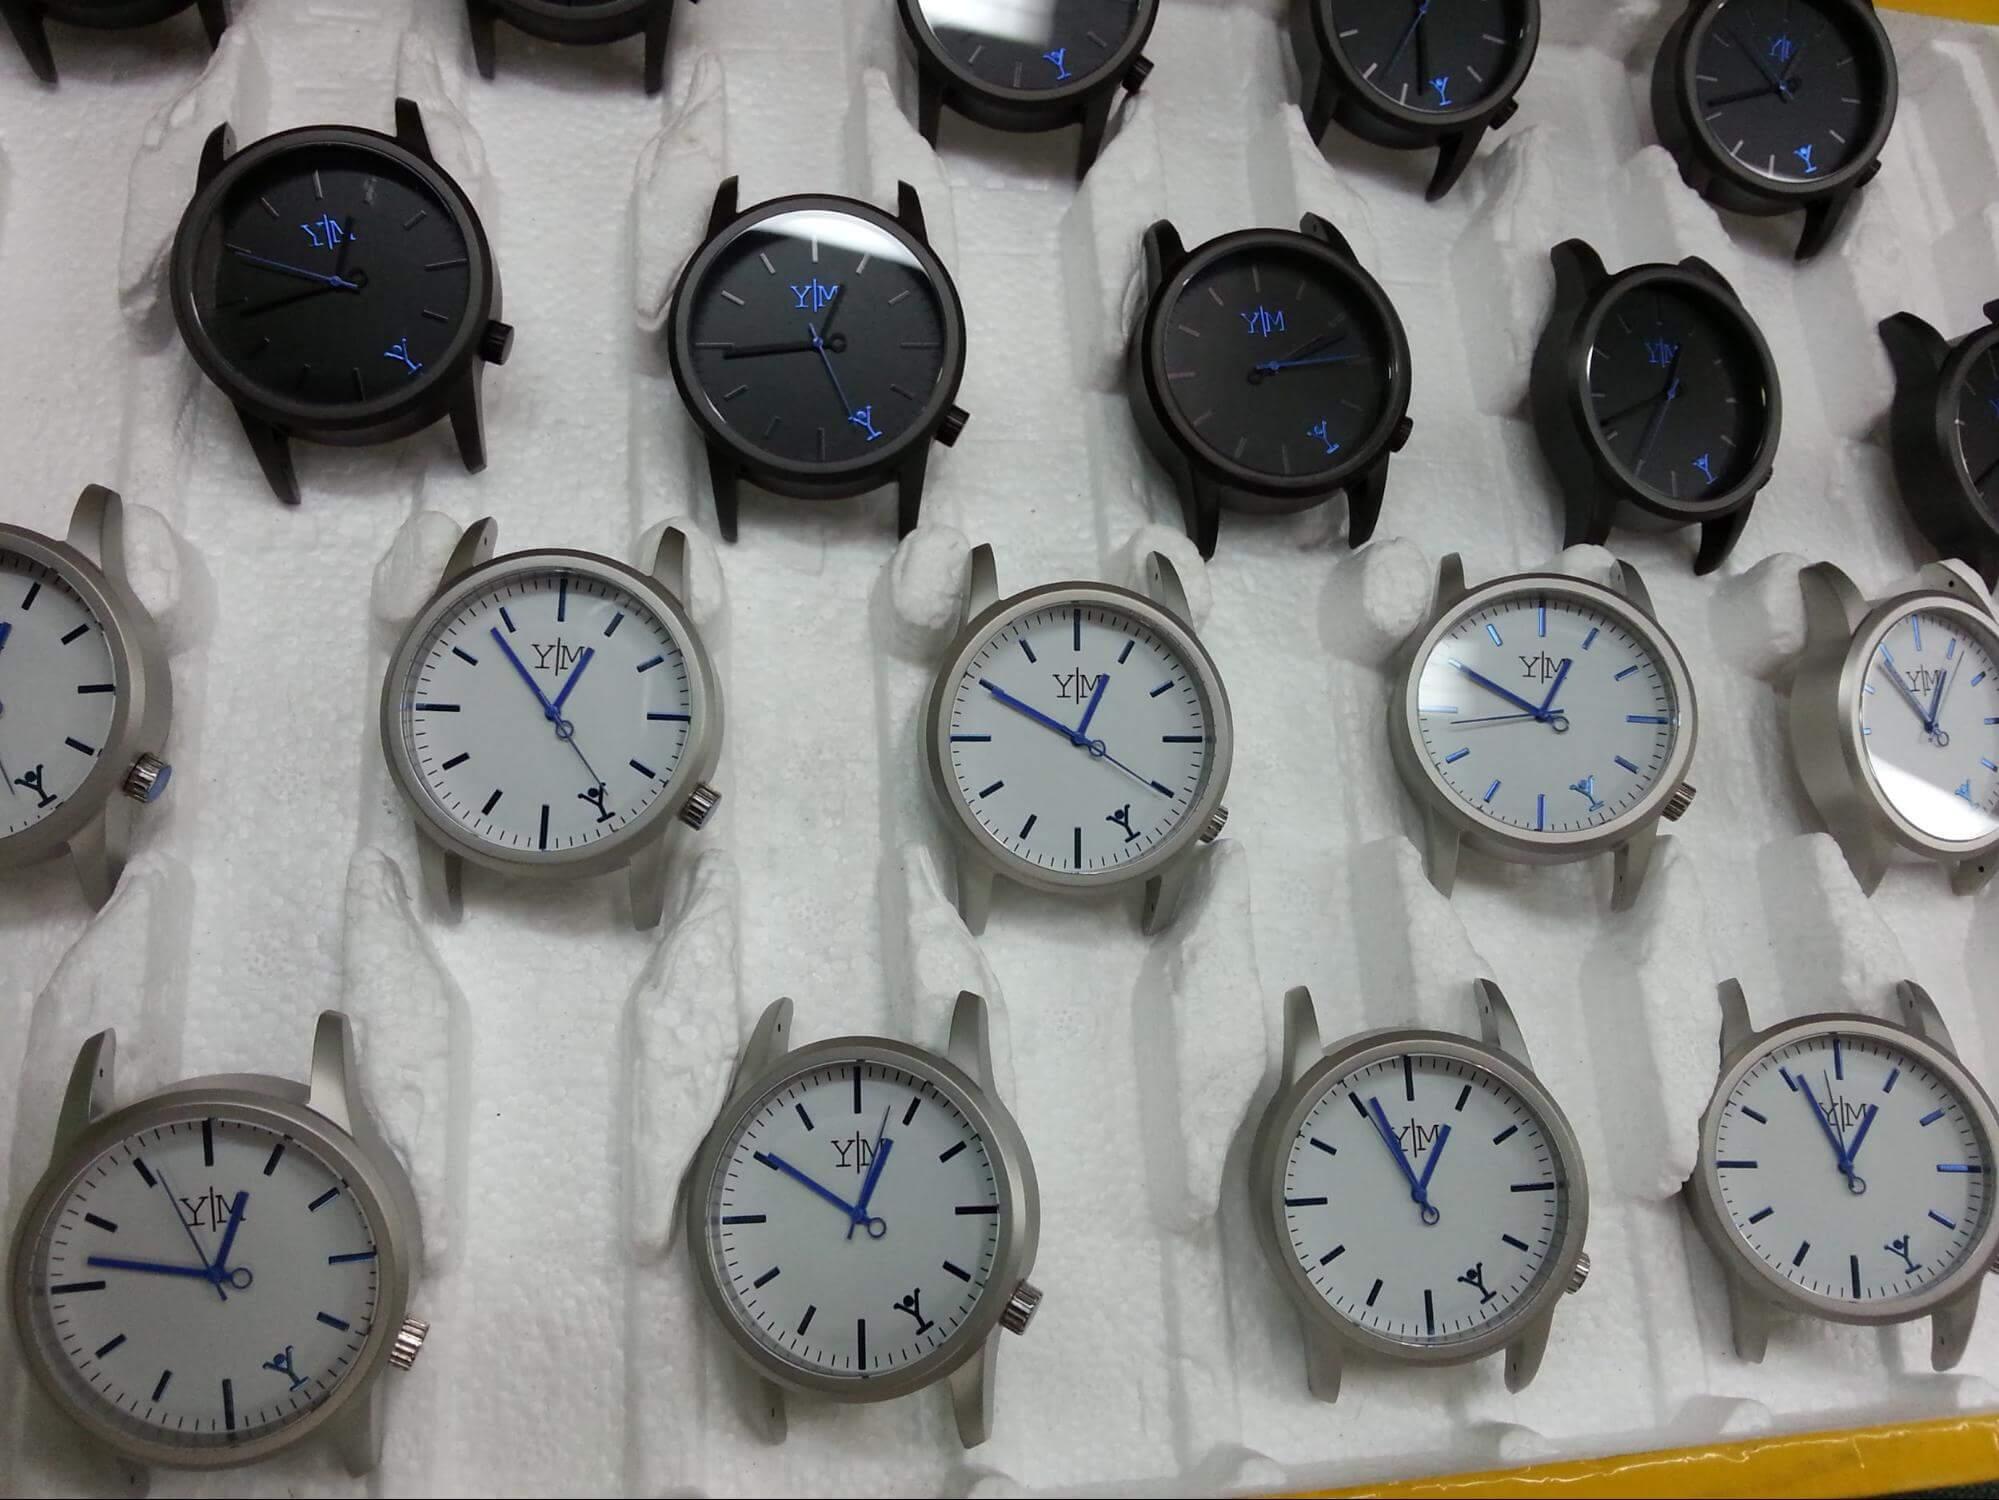 Watch case assembly